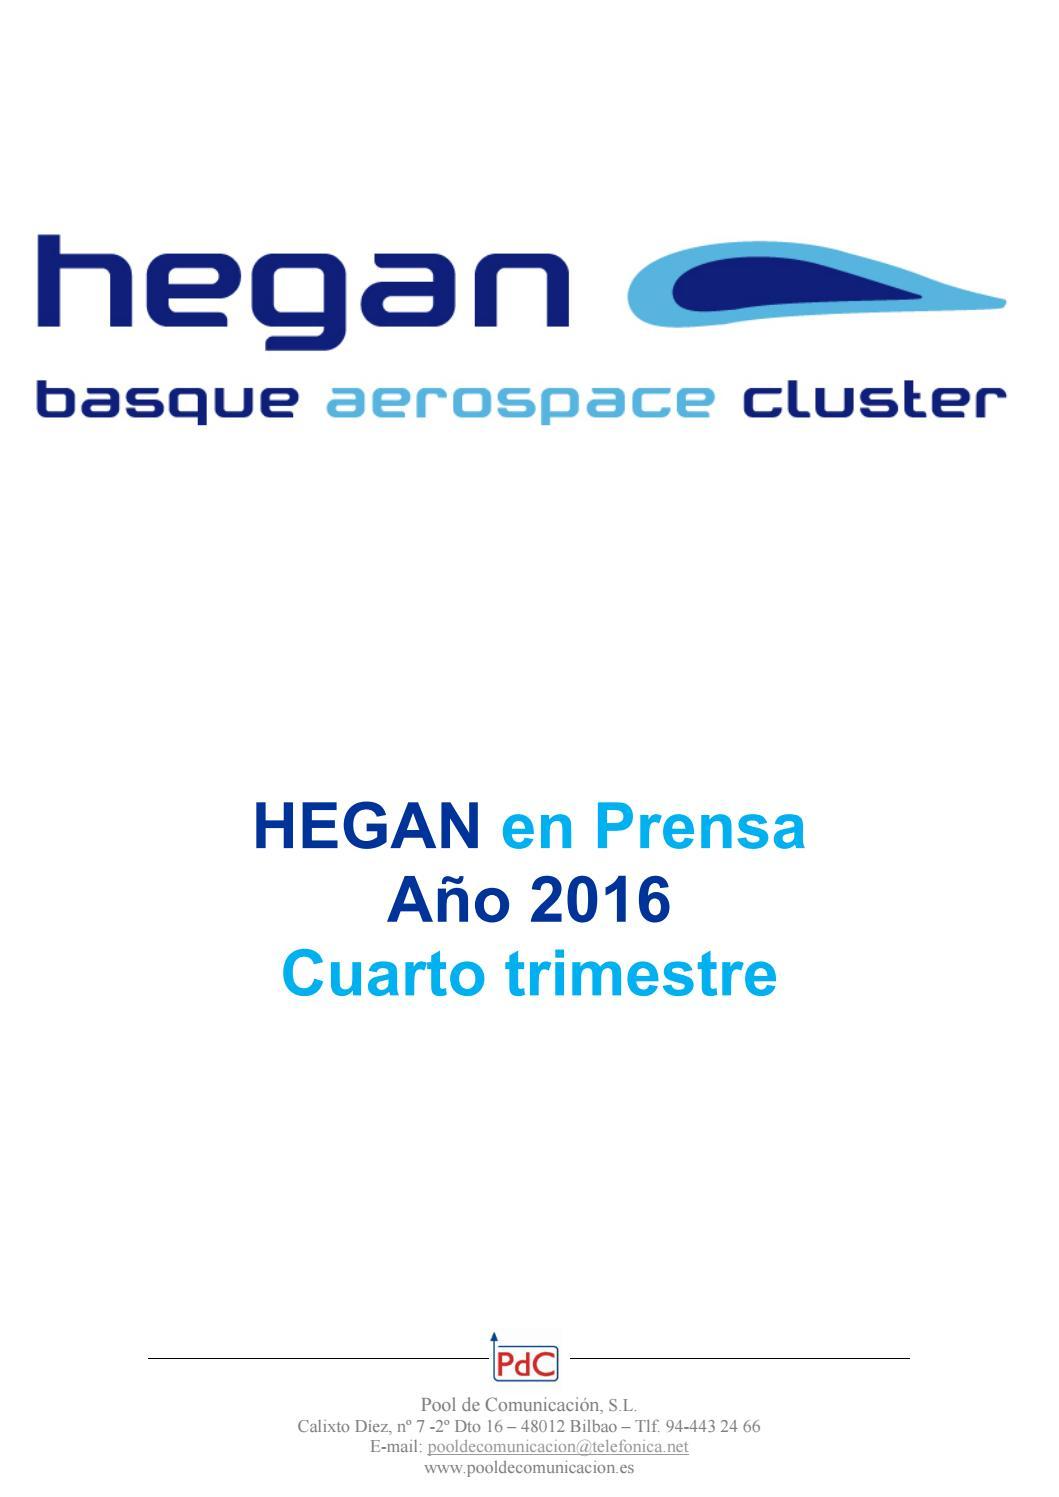 Hegan en prensa cuarto trimestre 2016 by Pool de Comunicación, SL ...